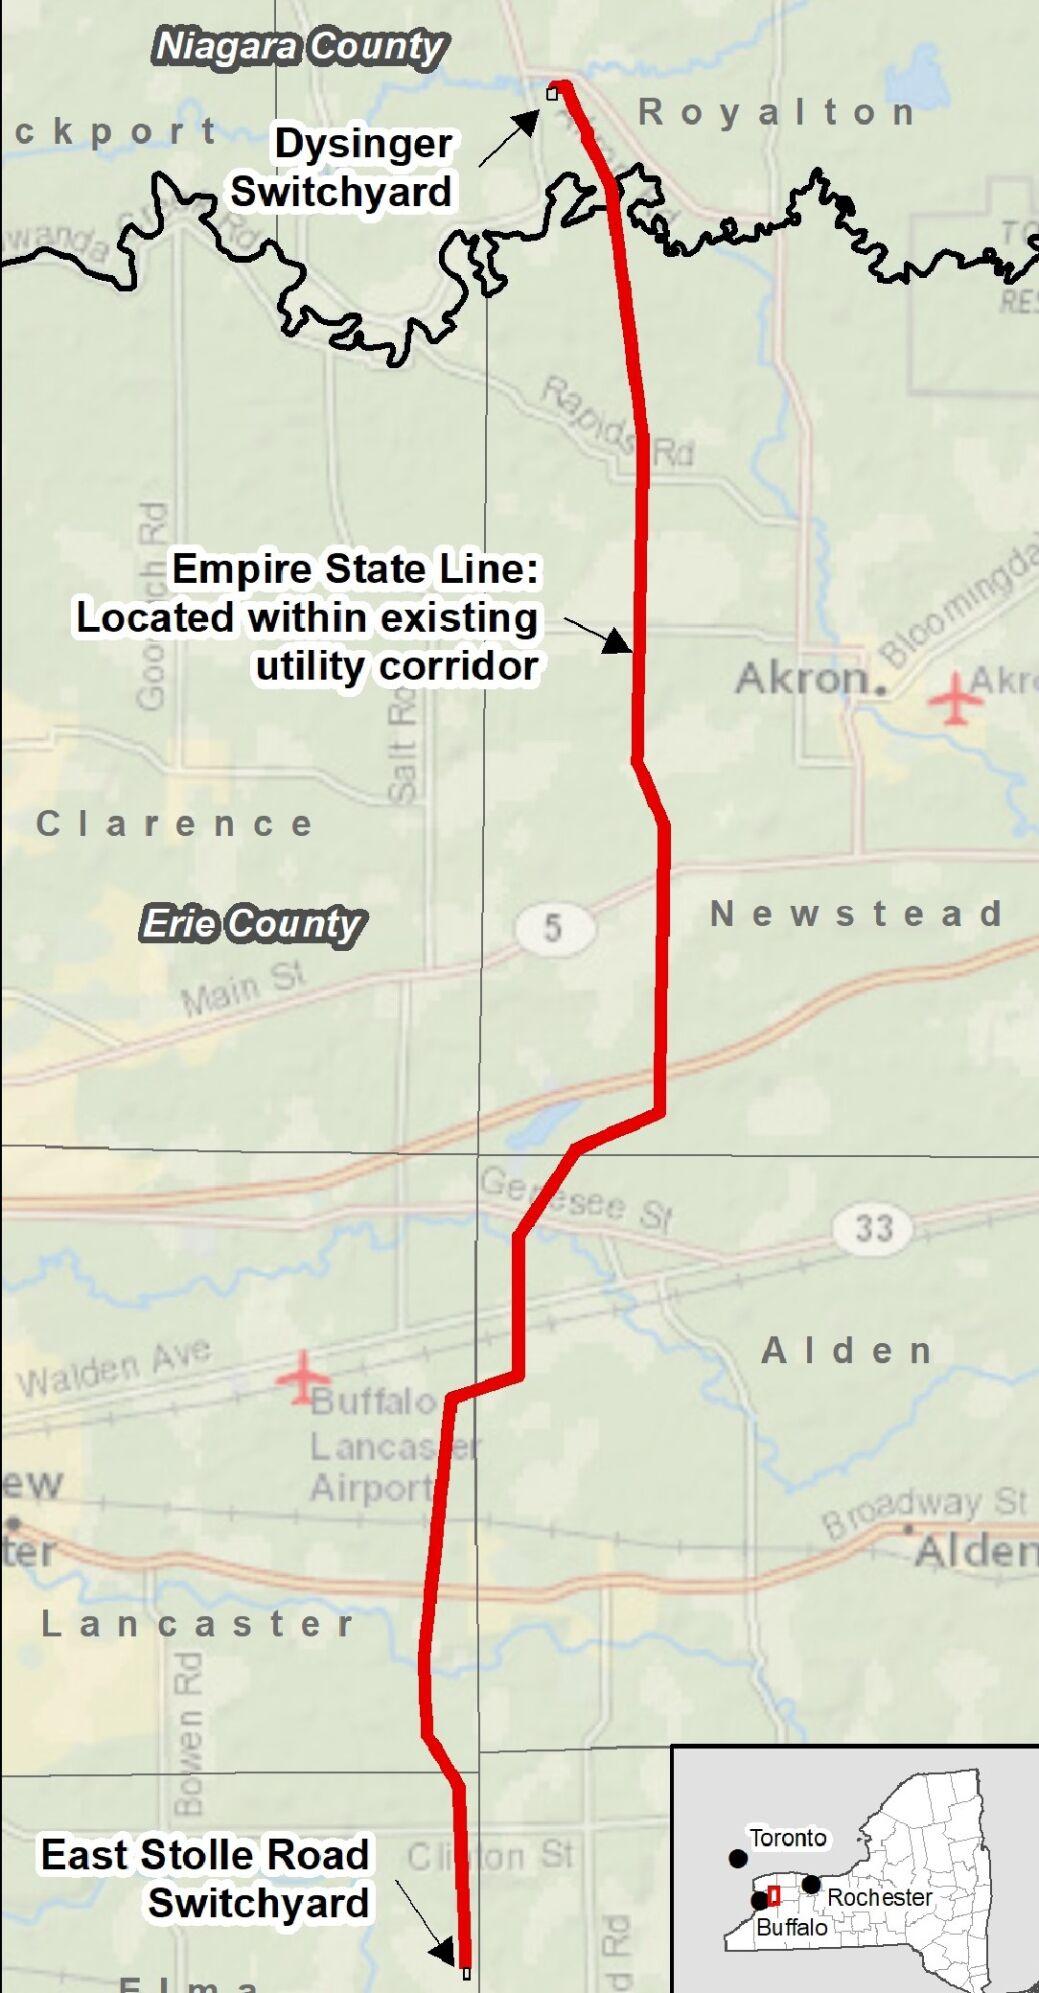 Empire State Line